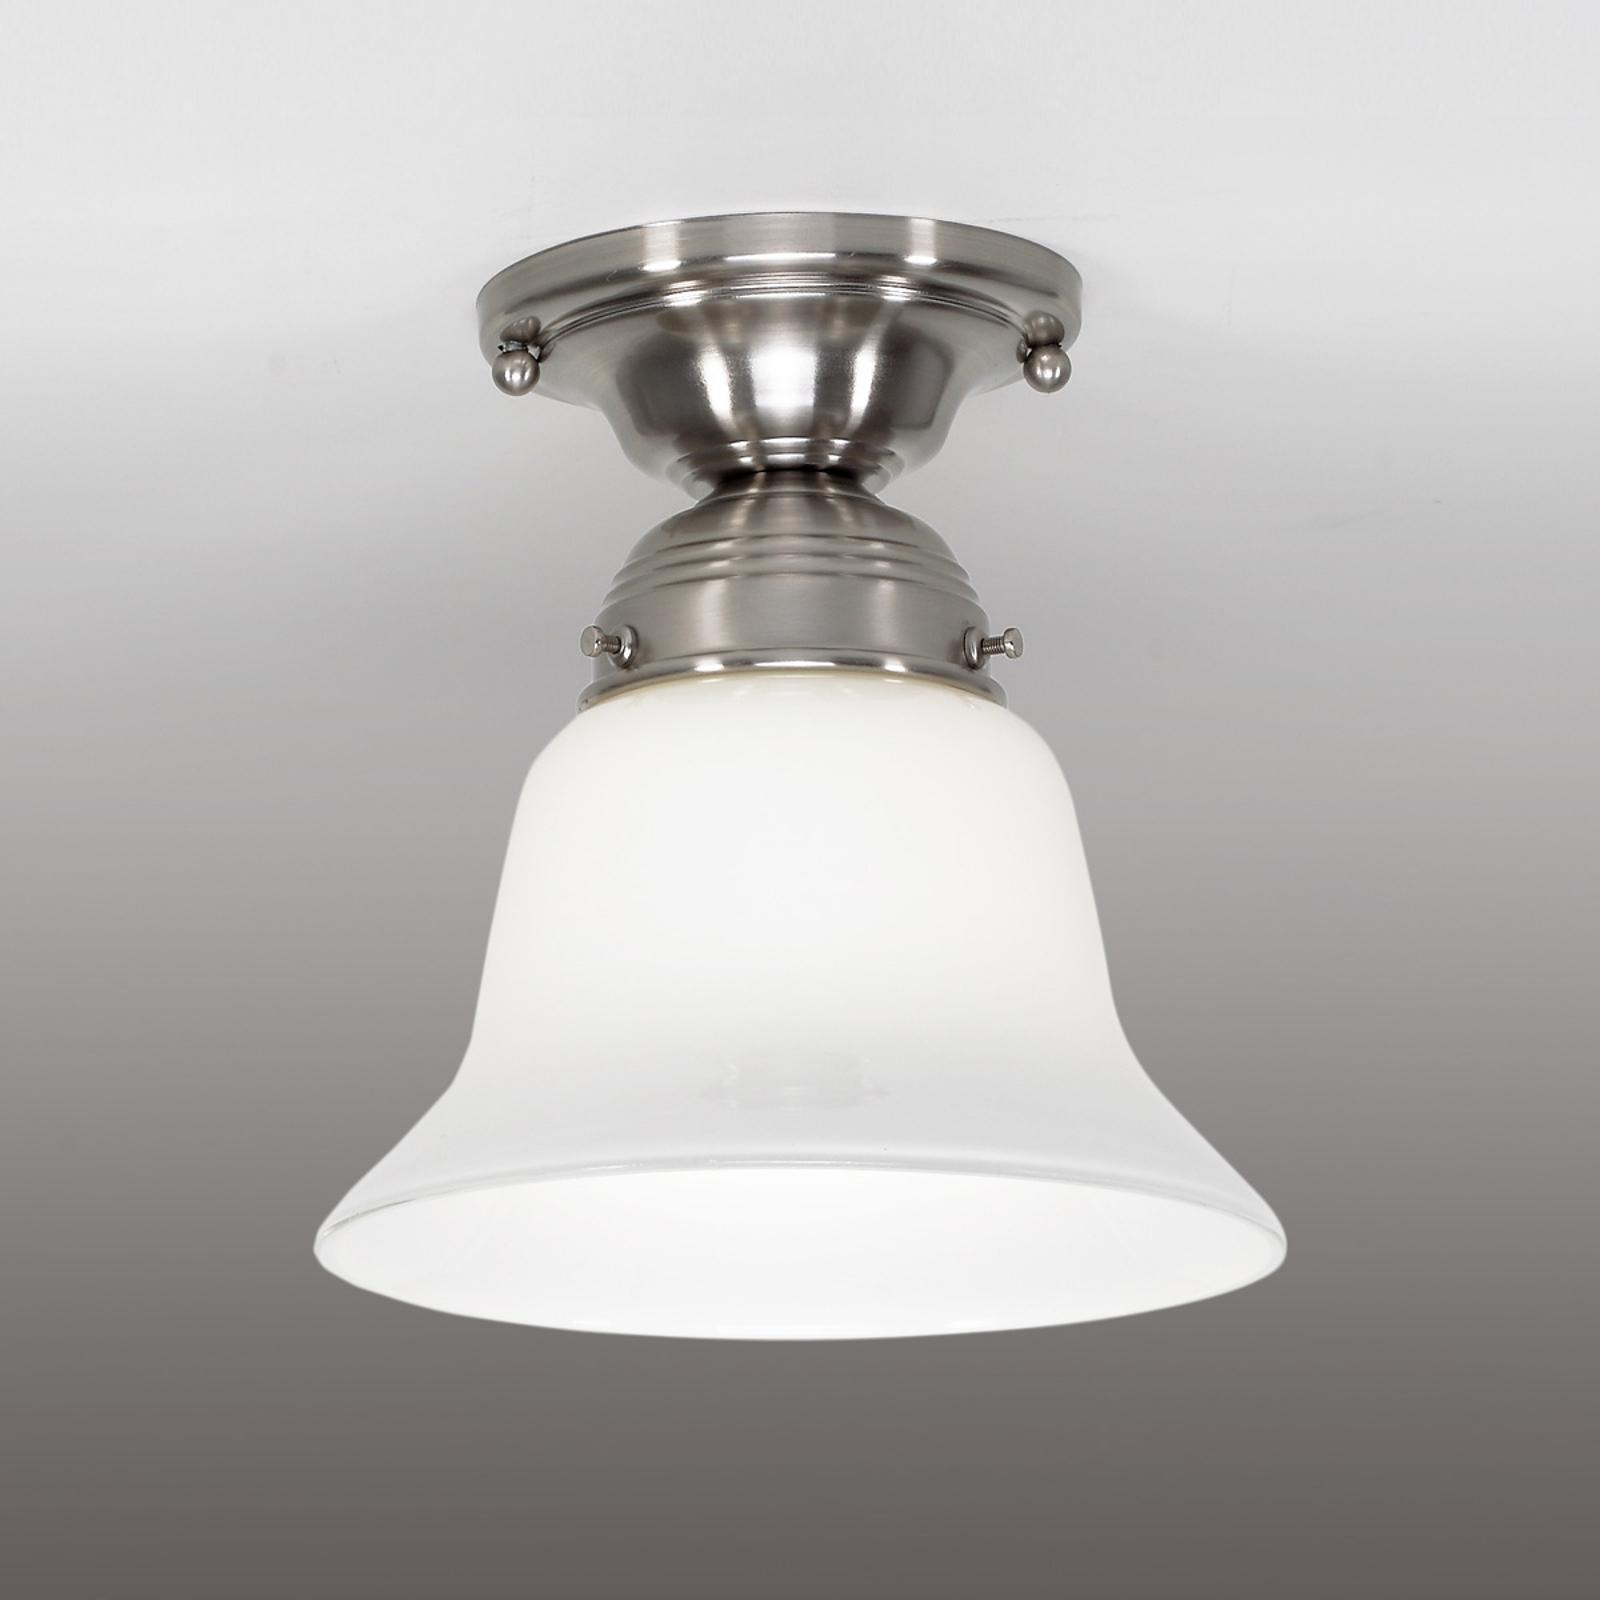 Alena matt nickel ceiling light_1542147_1